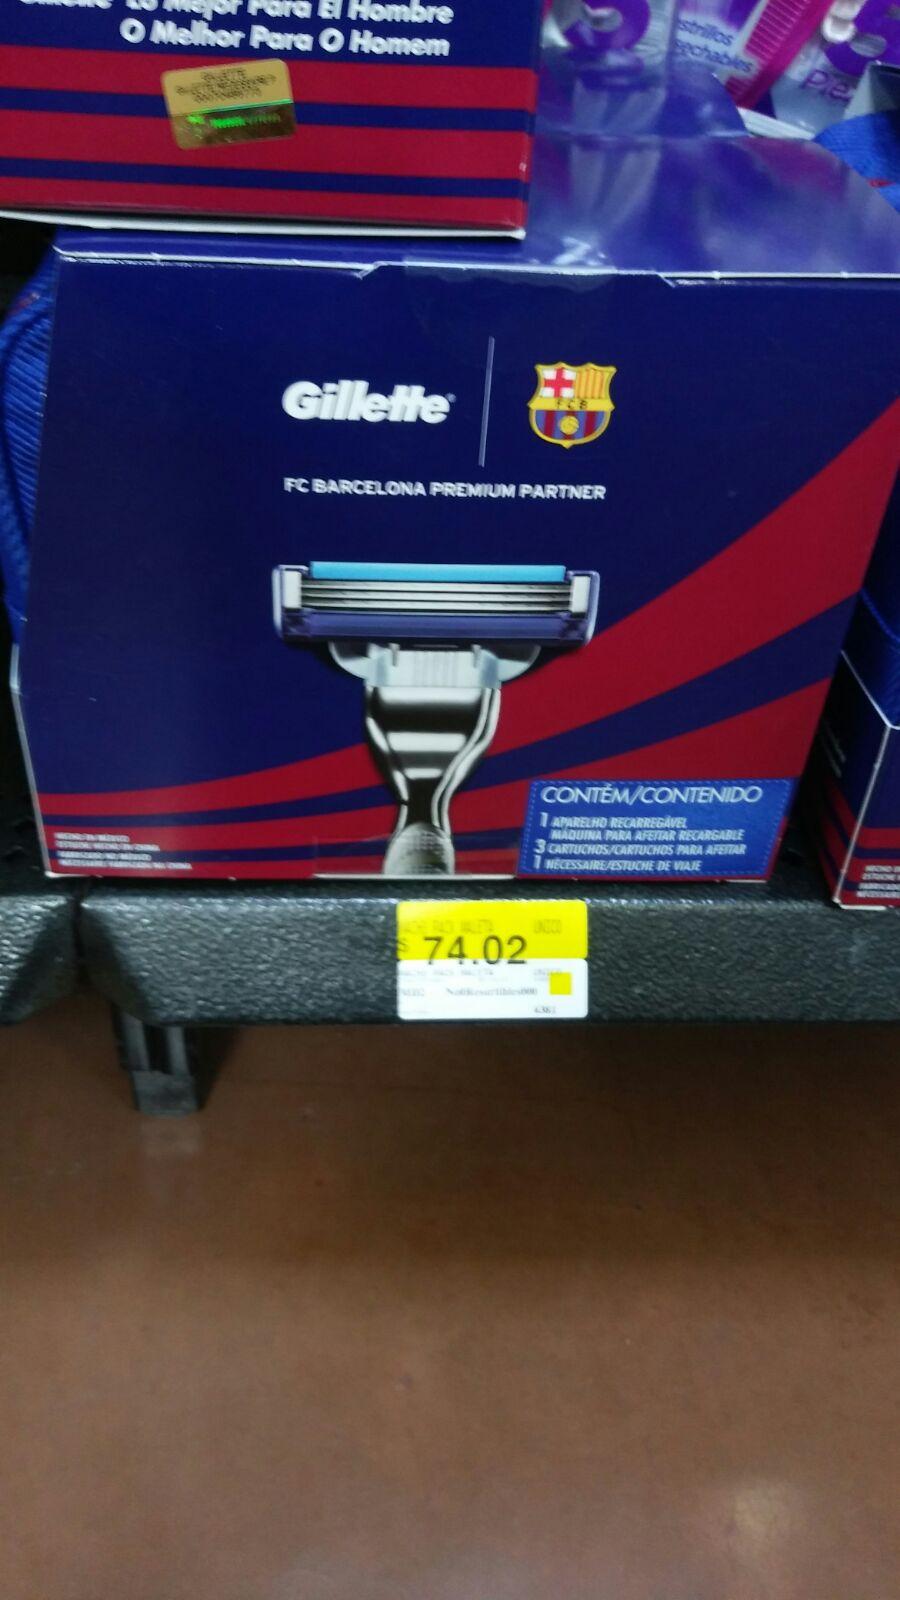 Walmart: Estuche Barcelona con rastrillos incluye máquina y 3 Cartuchos de $199 a $74.02 pesugos